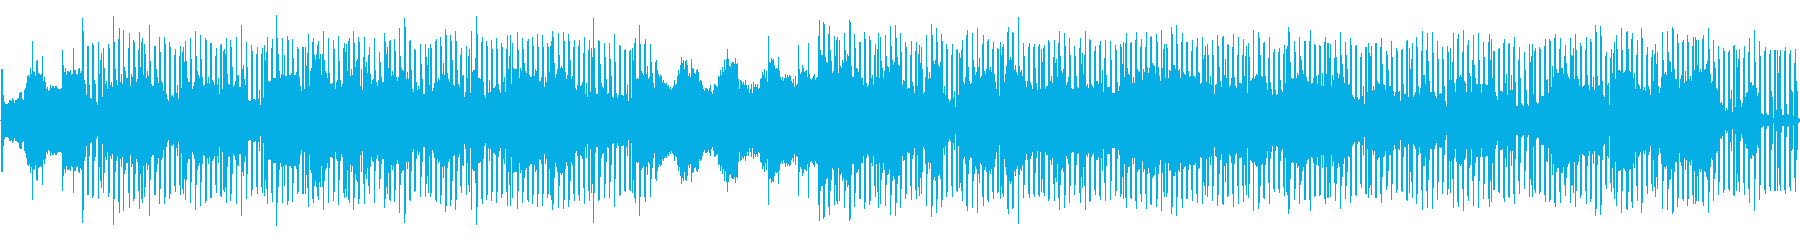 意識世界のような電脳的なテクノの再生済みの波形